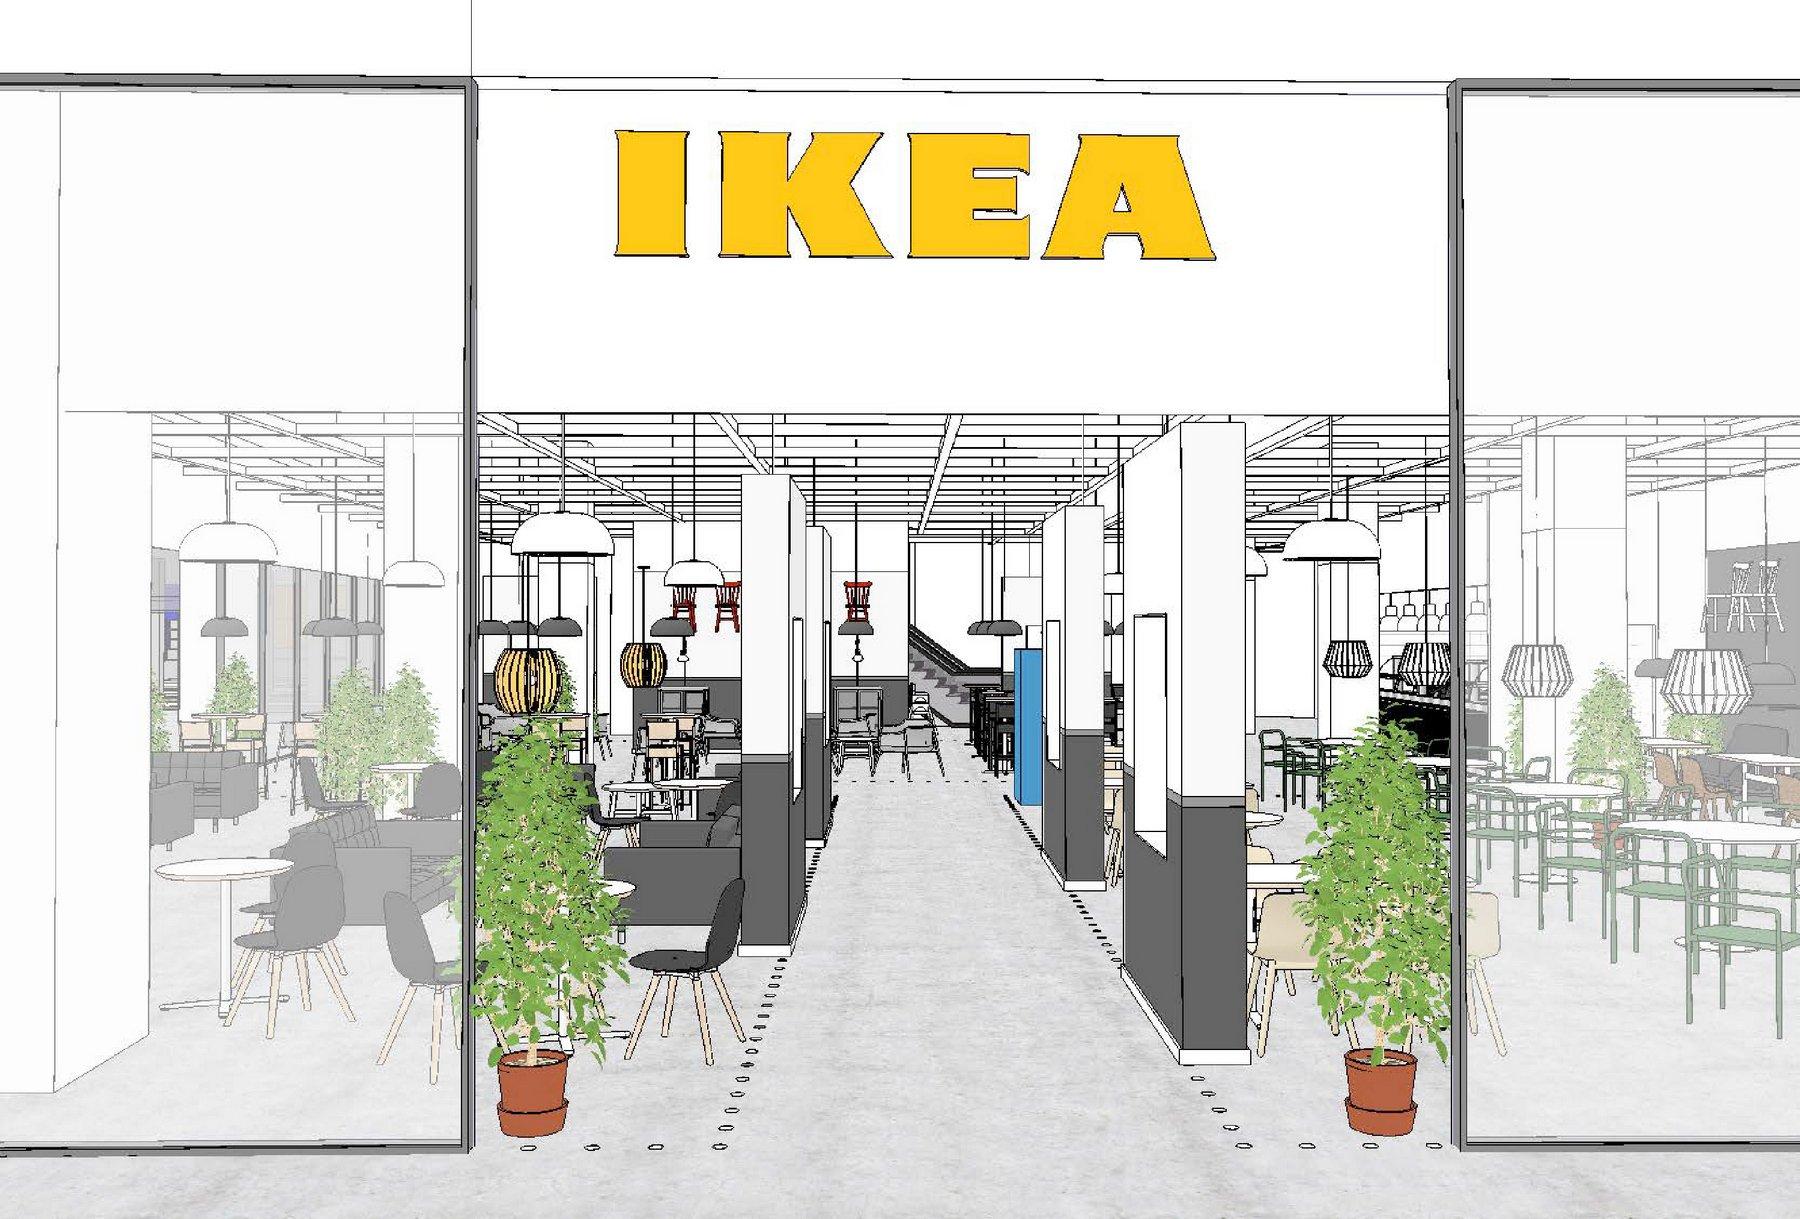 """6 สิ่งที่ต้องรู้ก่อนไป """"อิเกีย บางใหญ่"""" สโตร์ที่ 2 ของไทย ใหญ่สุดในอาเซียน 22 - IKEA (อิเกีย)"""